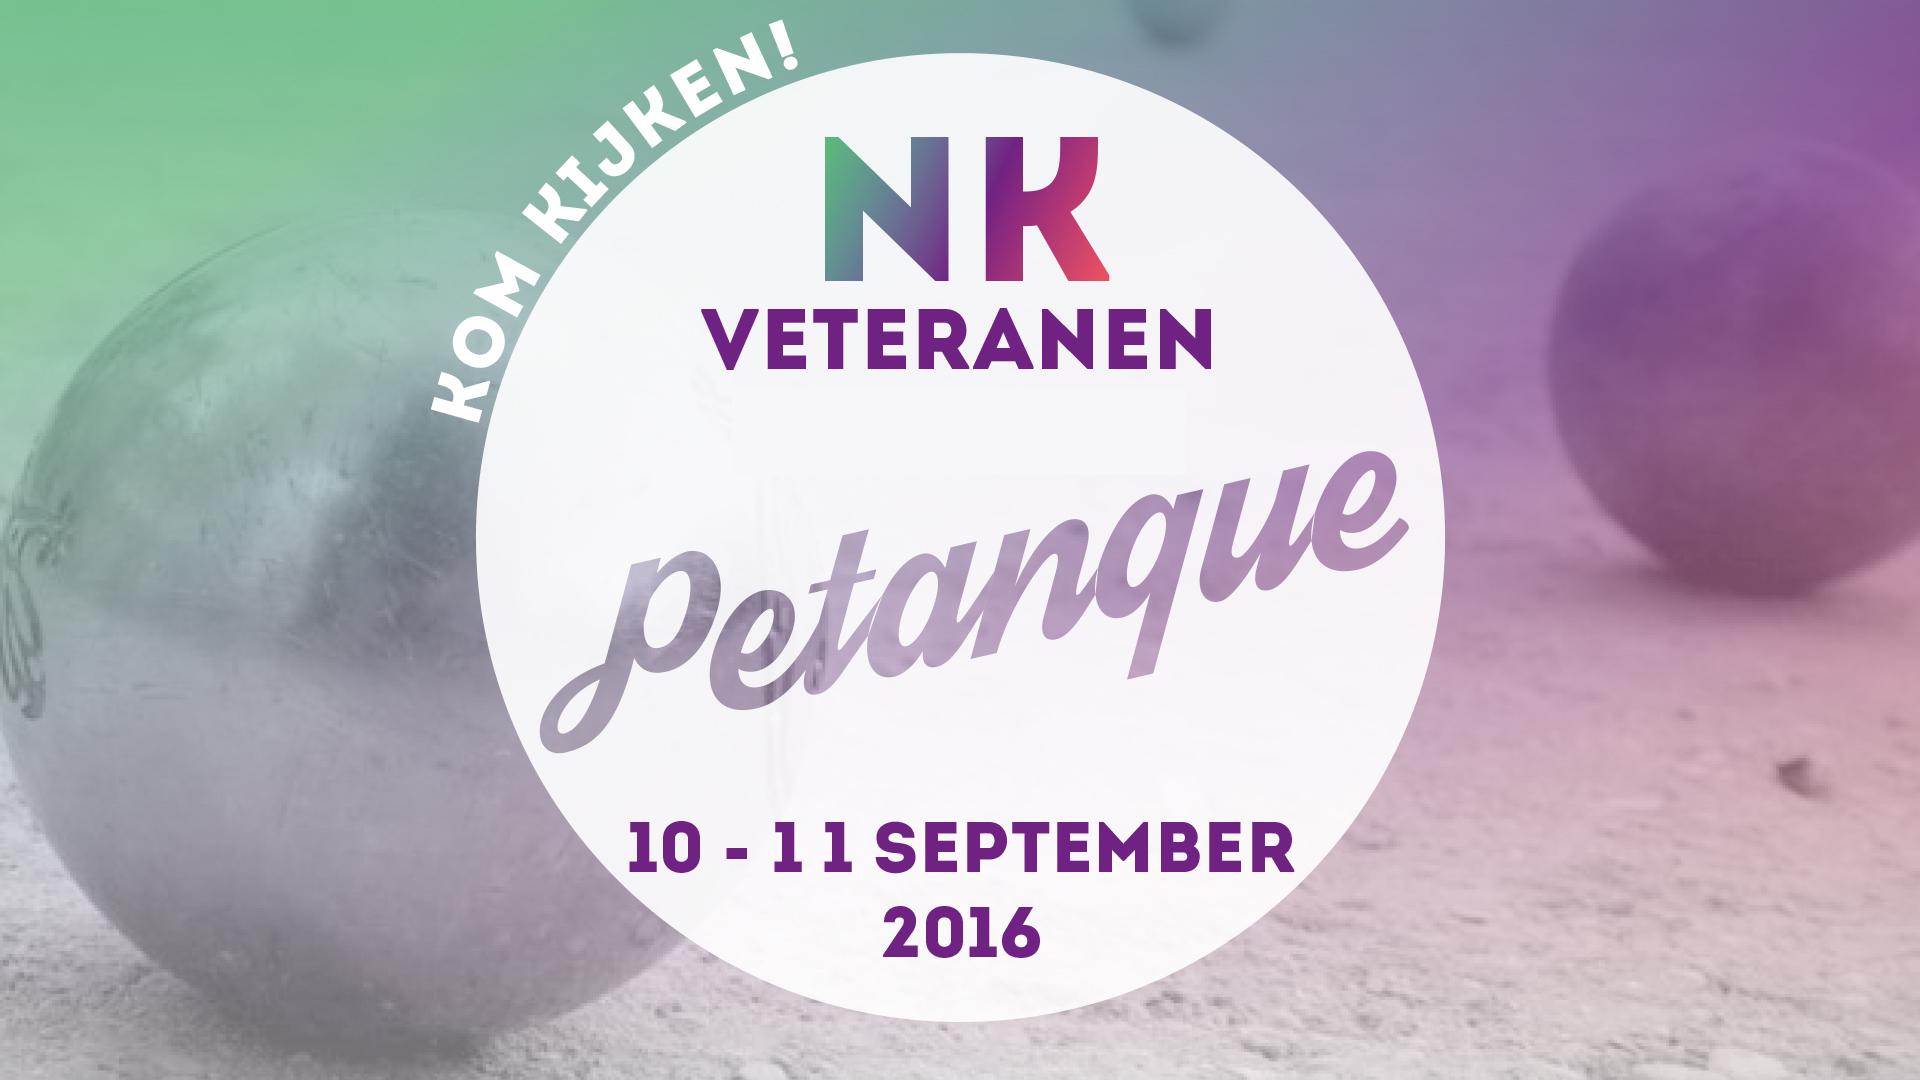 NK veteranen petanque